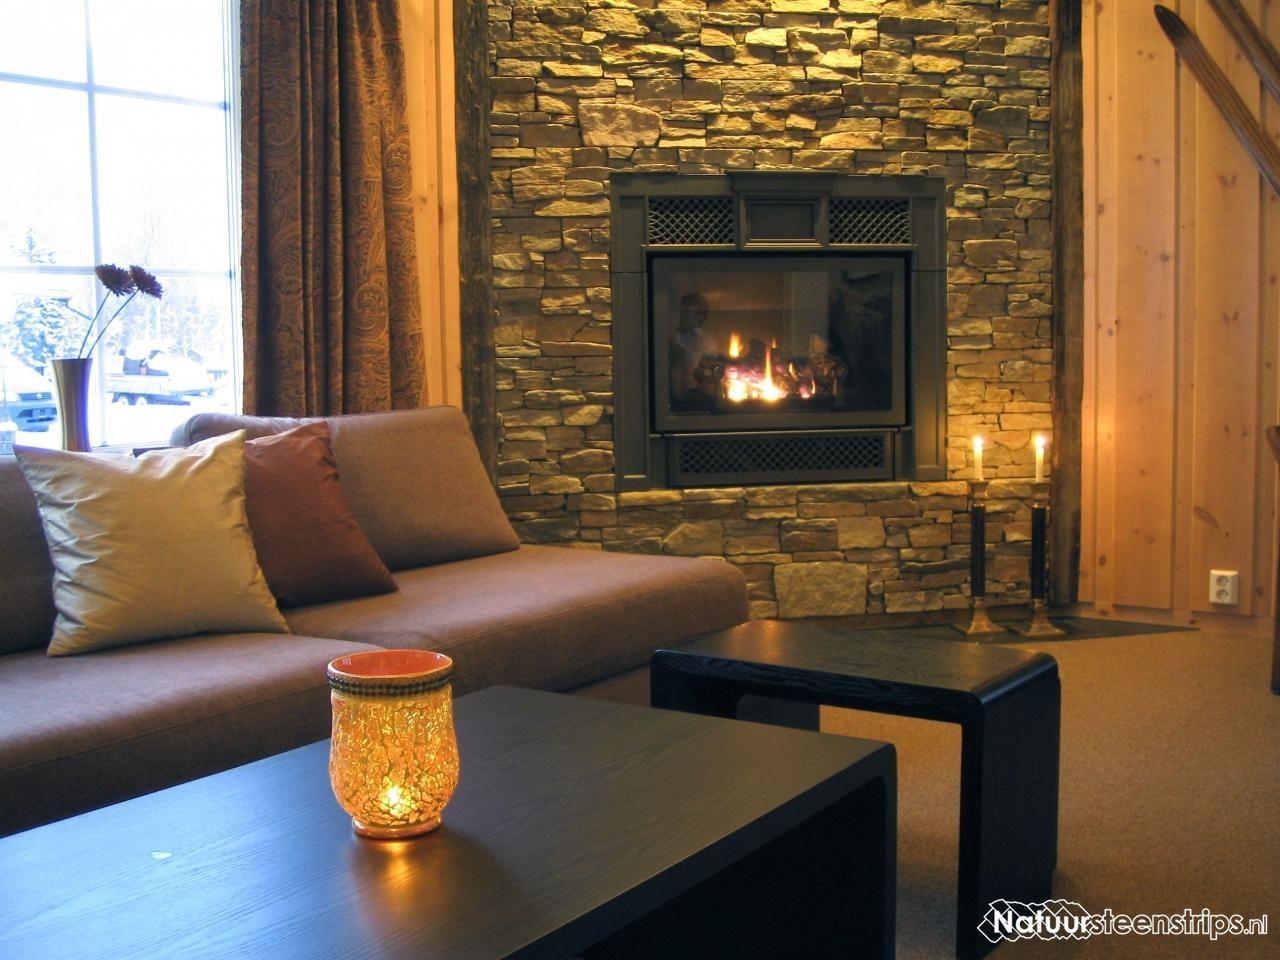 Natuurstenen open haard schouw wandbekleding binnen of buitenshuis home decor idee - Binnen deco ...